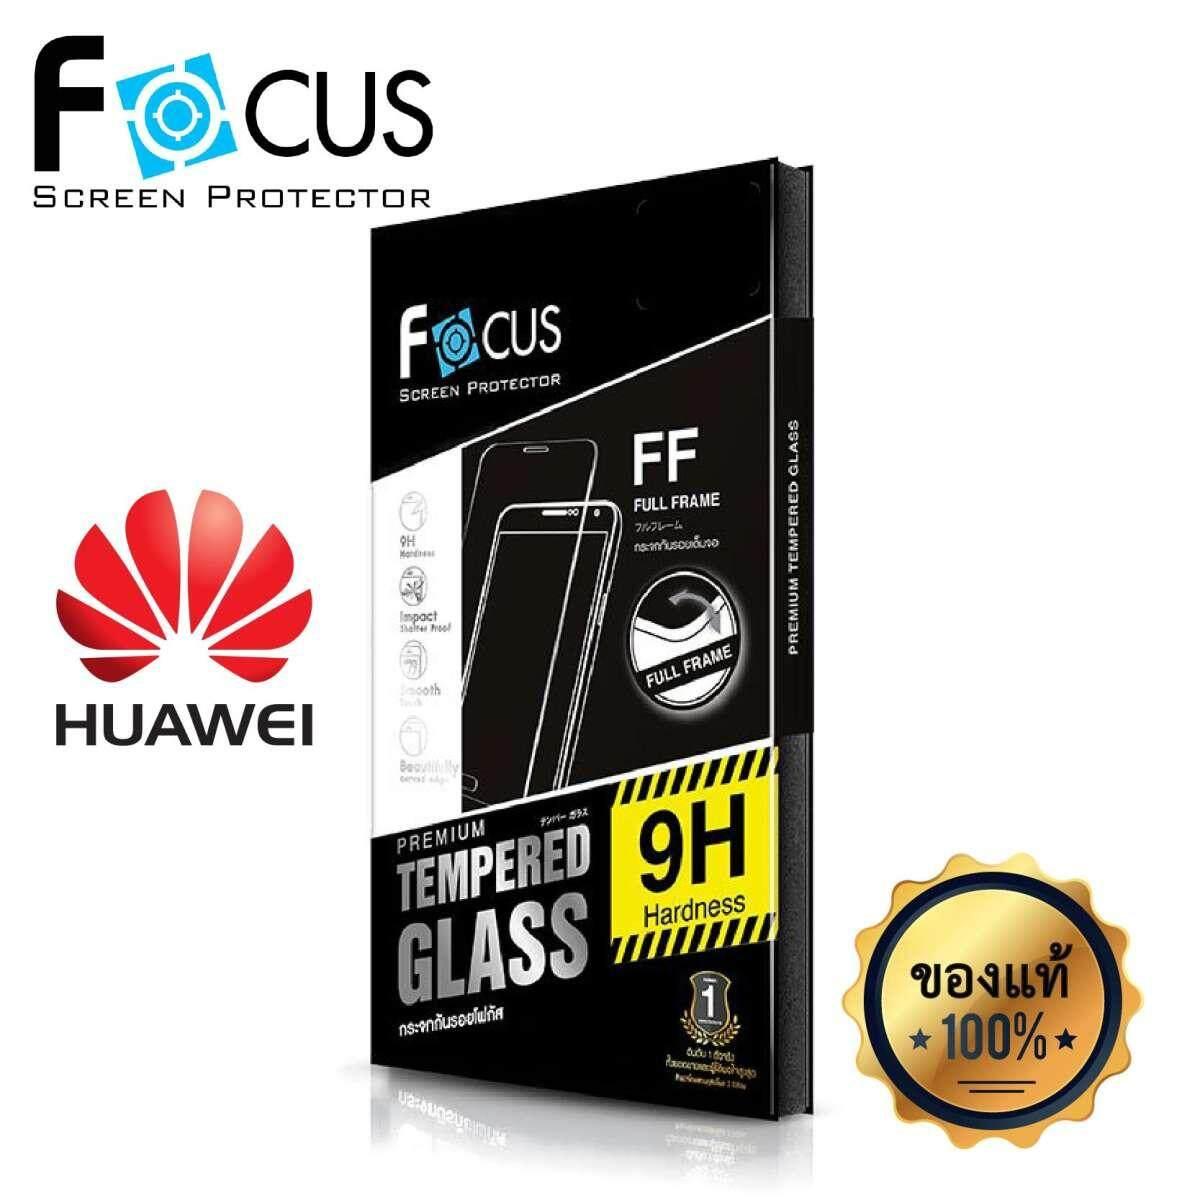 ขาย Huawei ฟิล์มกันรอยโทรศัพท์ - ซื้อ ฟิล์มกันรอยโทรศัพท์ พร้อม